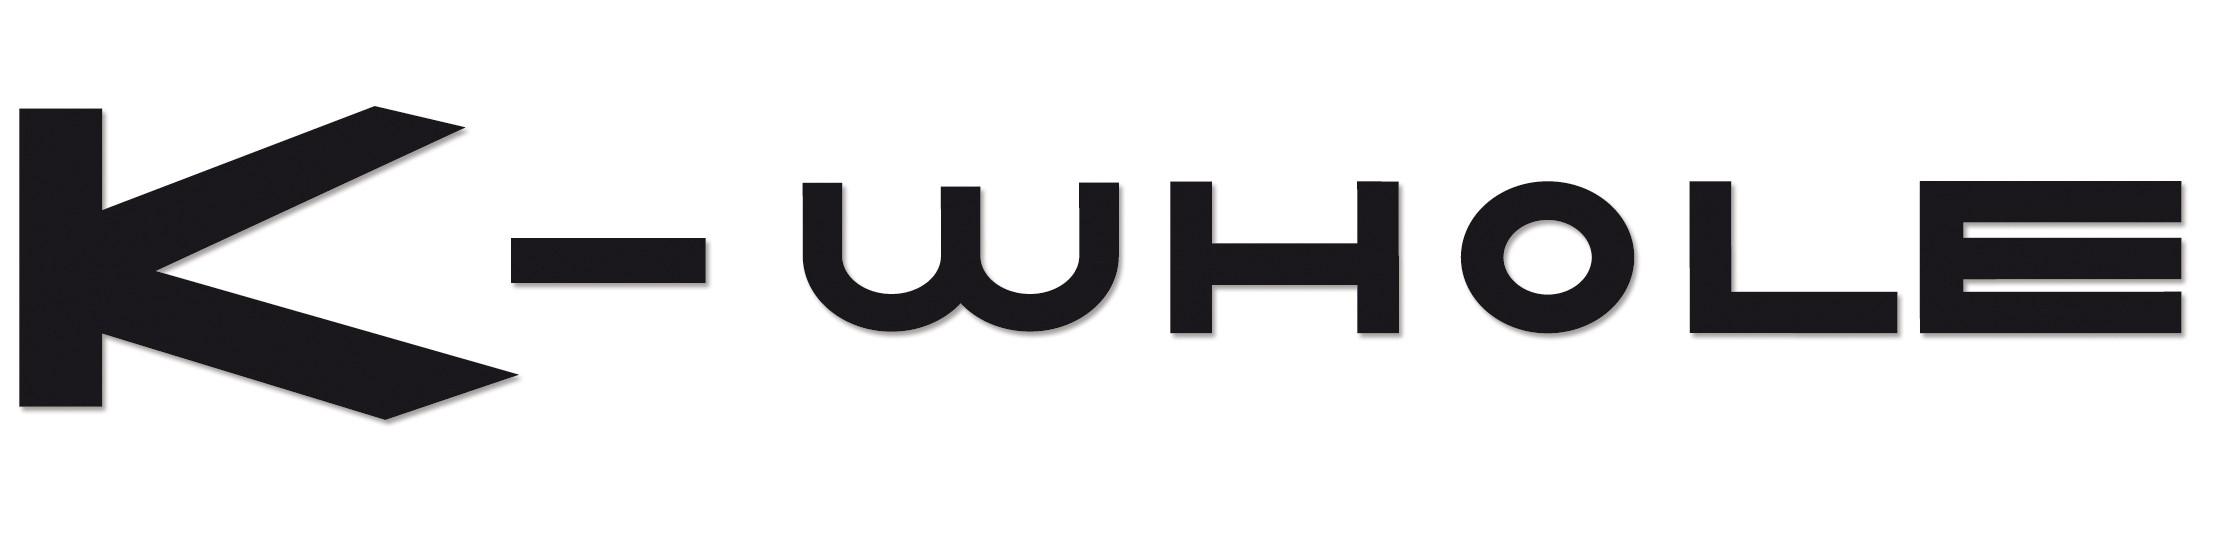 K-whole